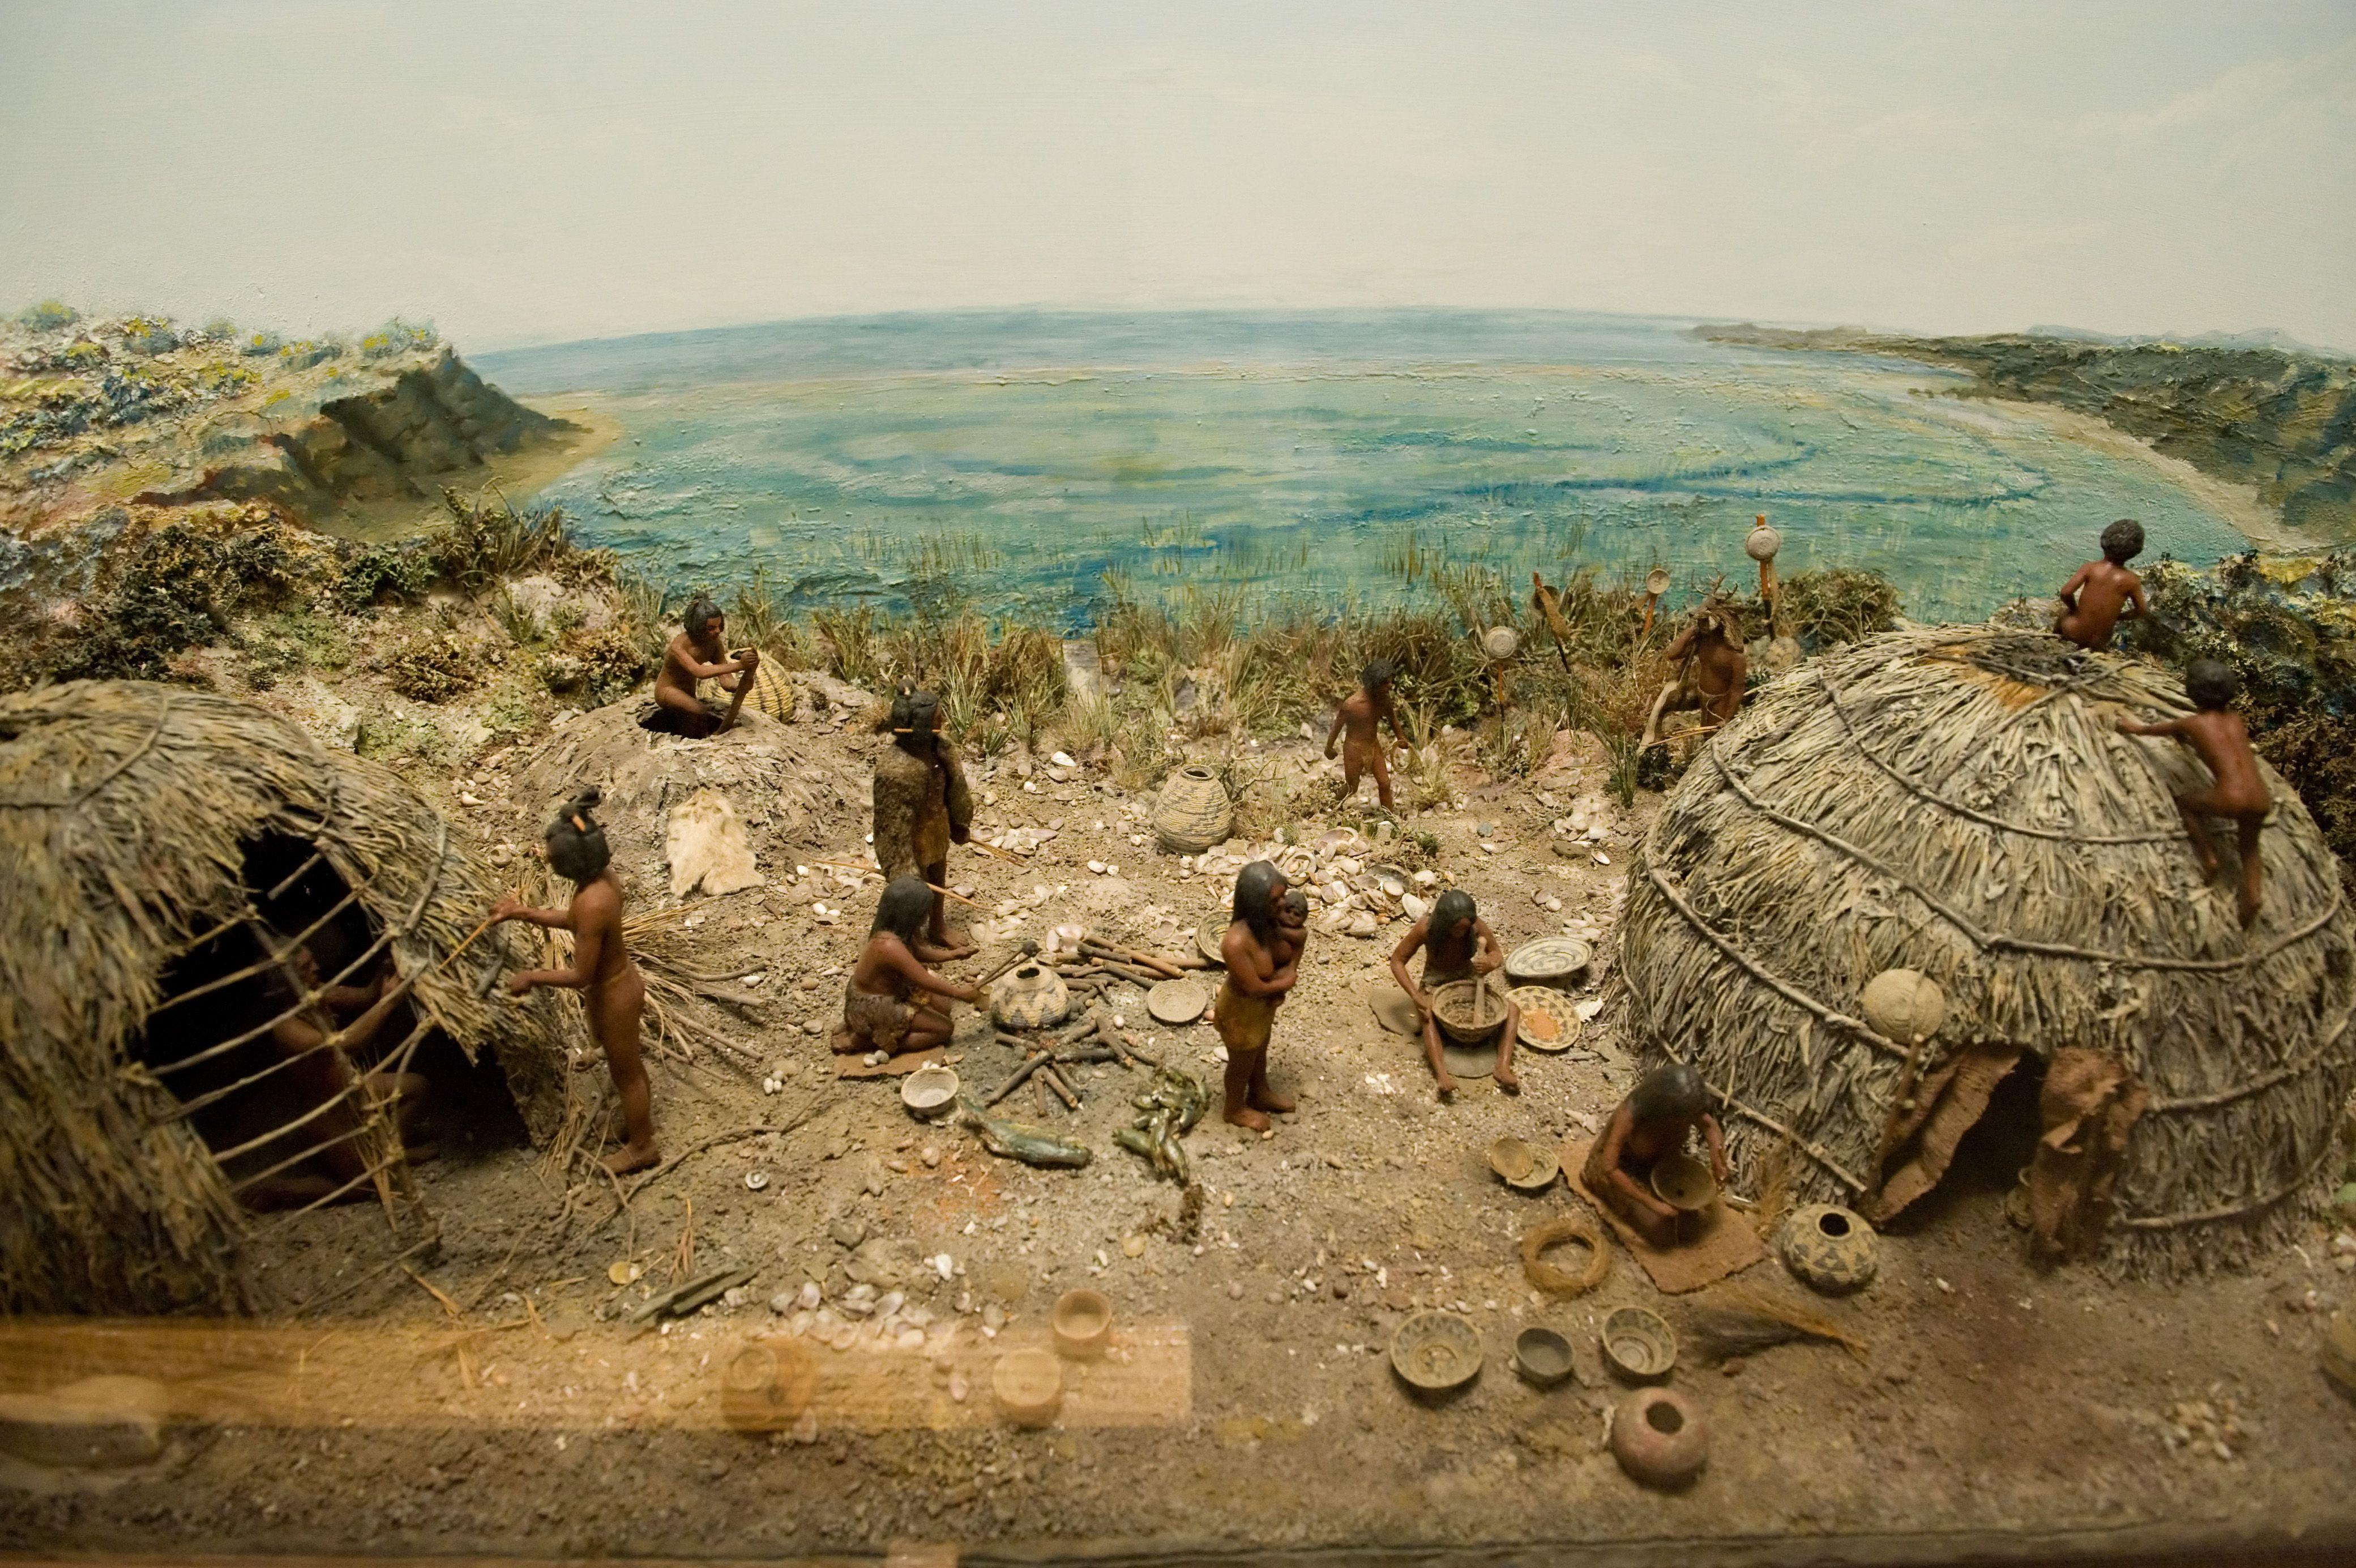 Ventureño Chumas Indian Village diorama at the Chumash Indian Museum.